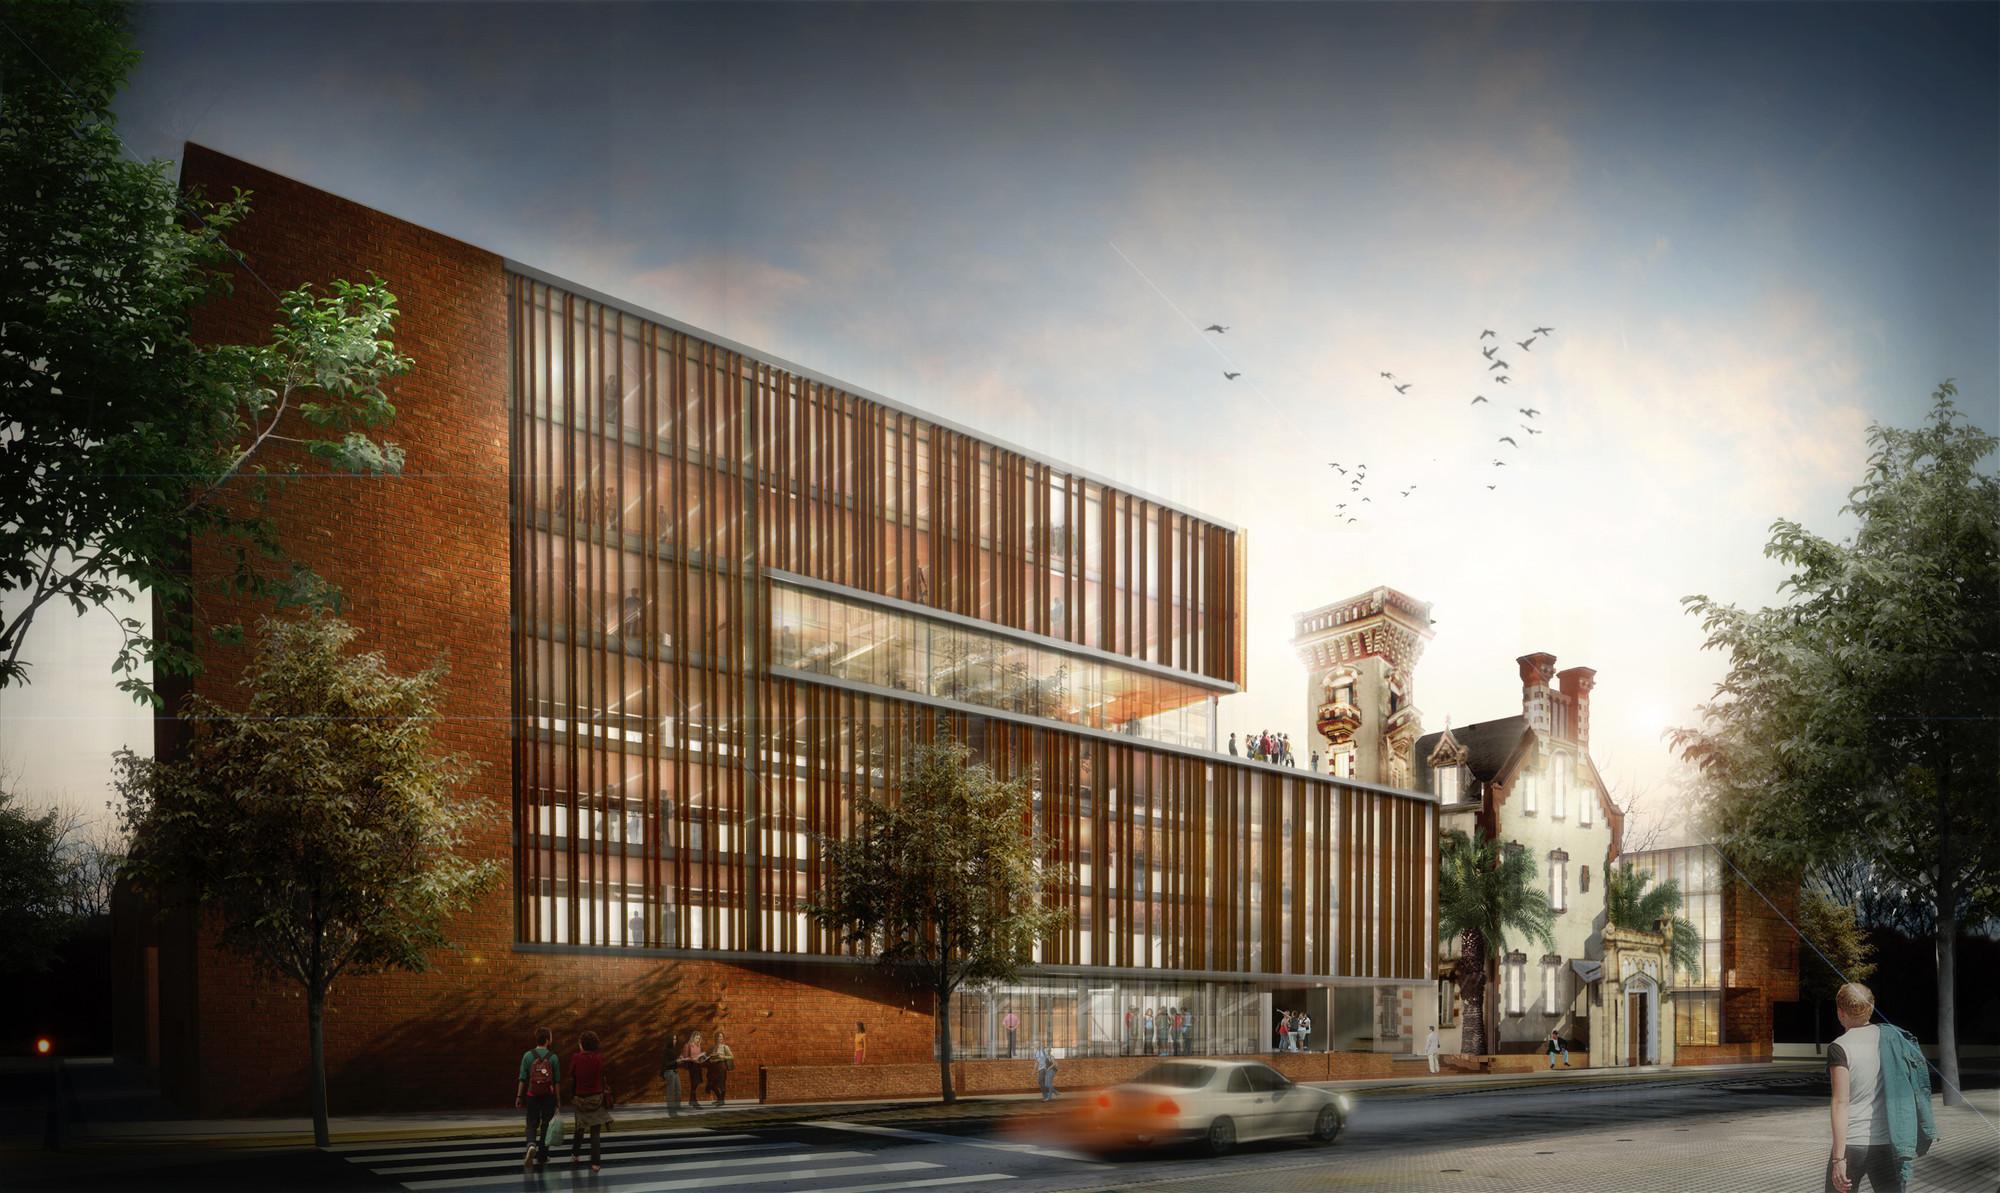 Galer a de resultados concurso arquifadu nueva escuela de - Escuela arquitectura valladolid ...